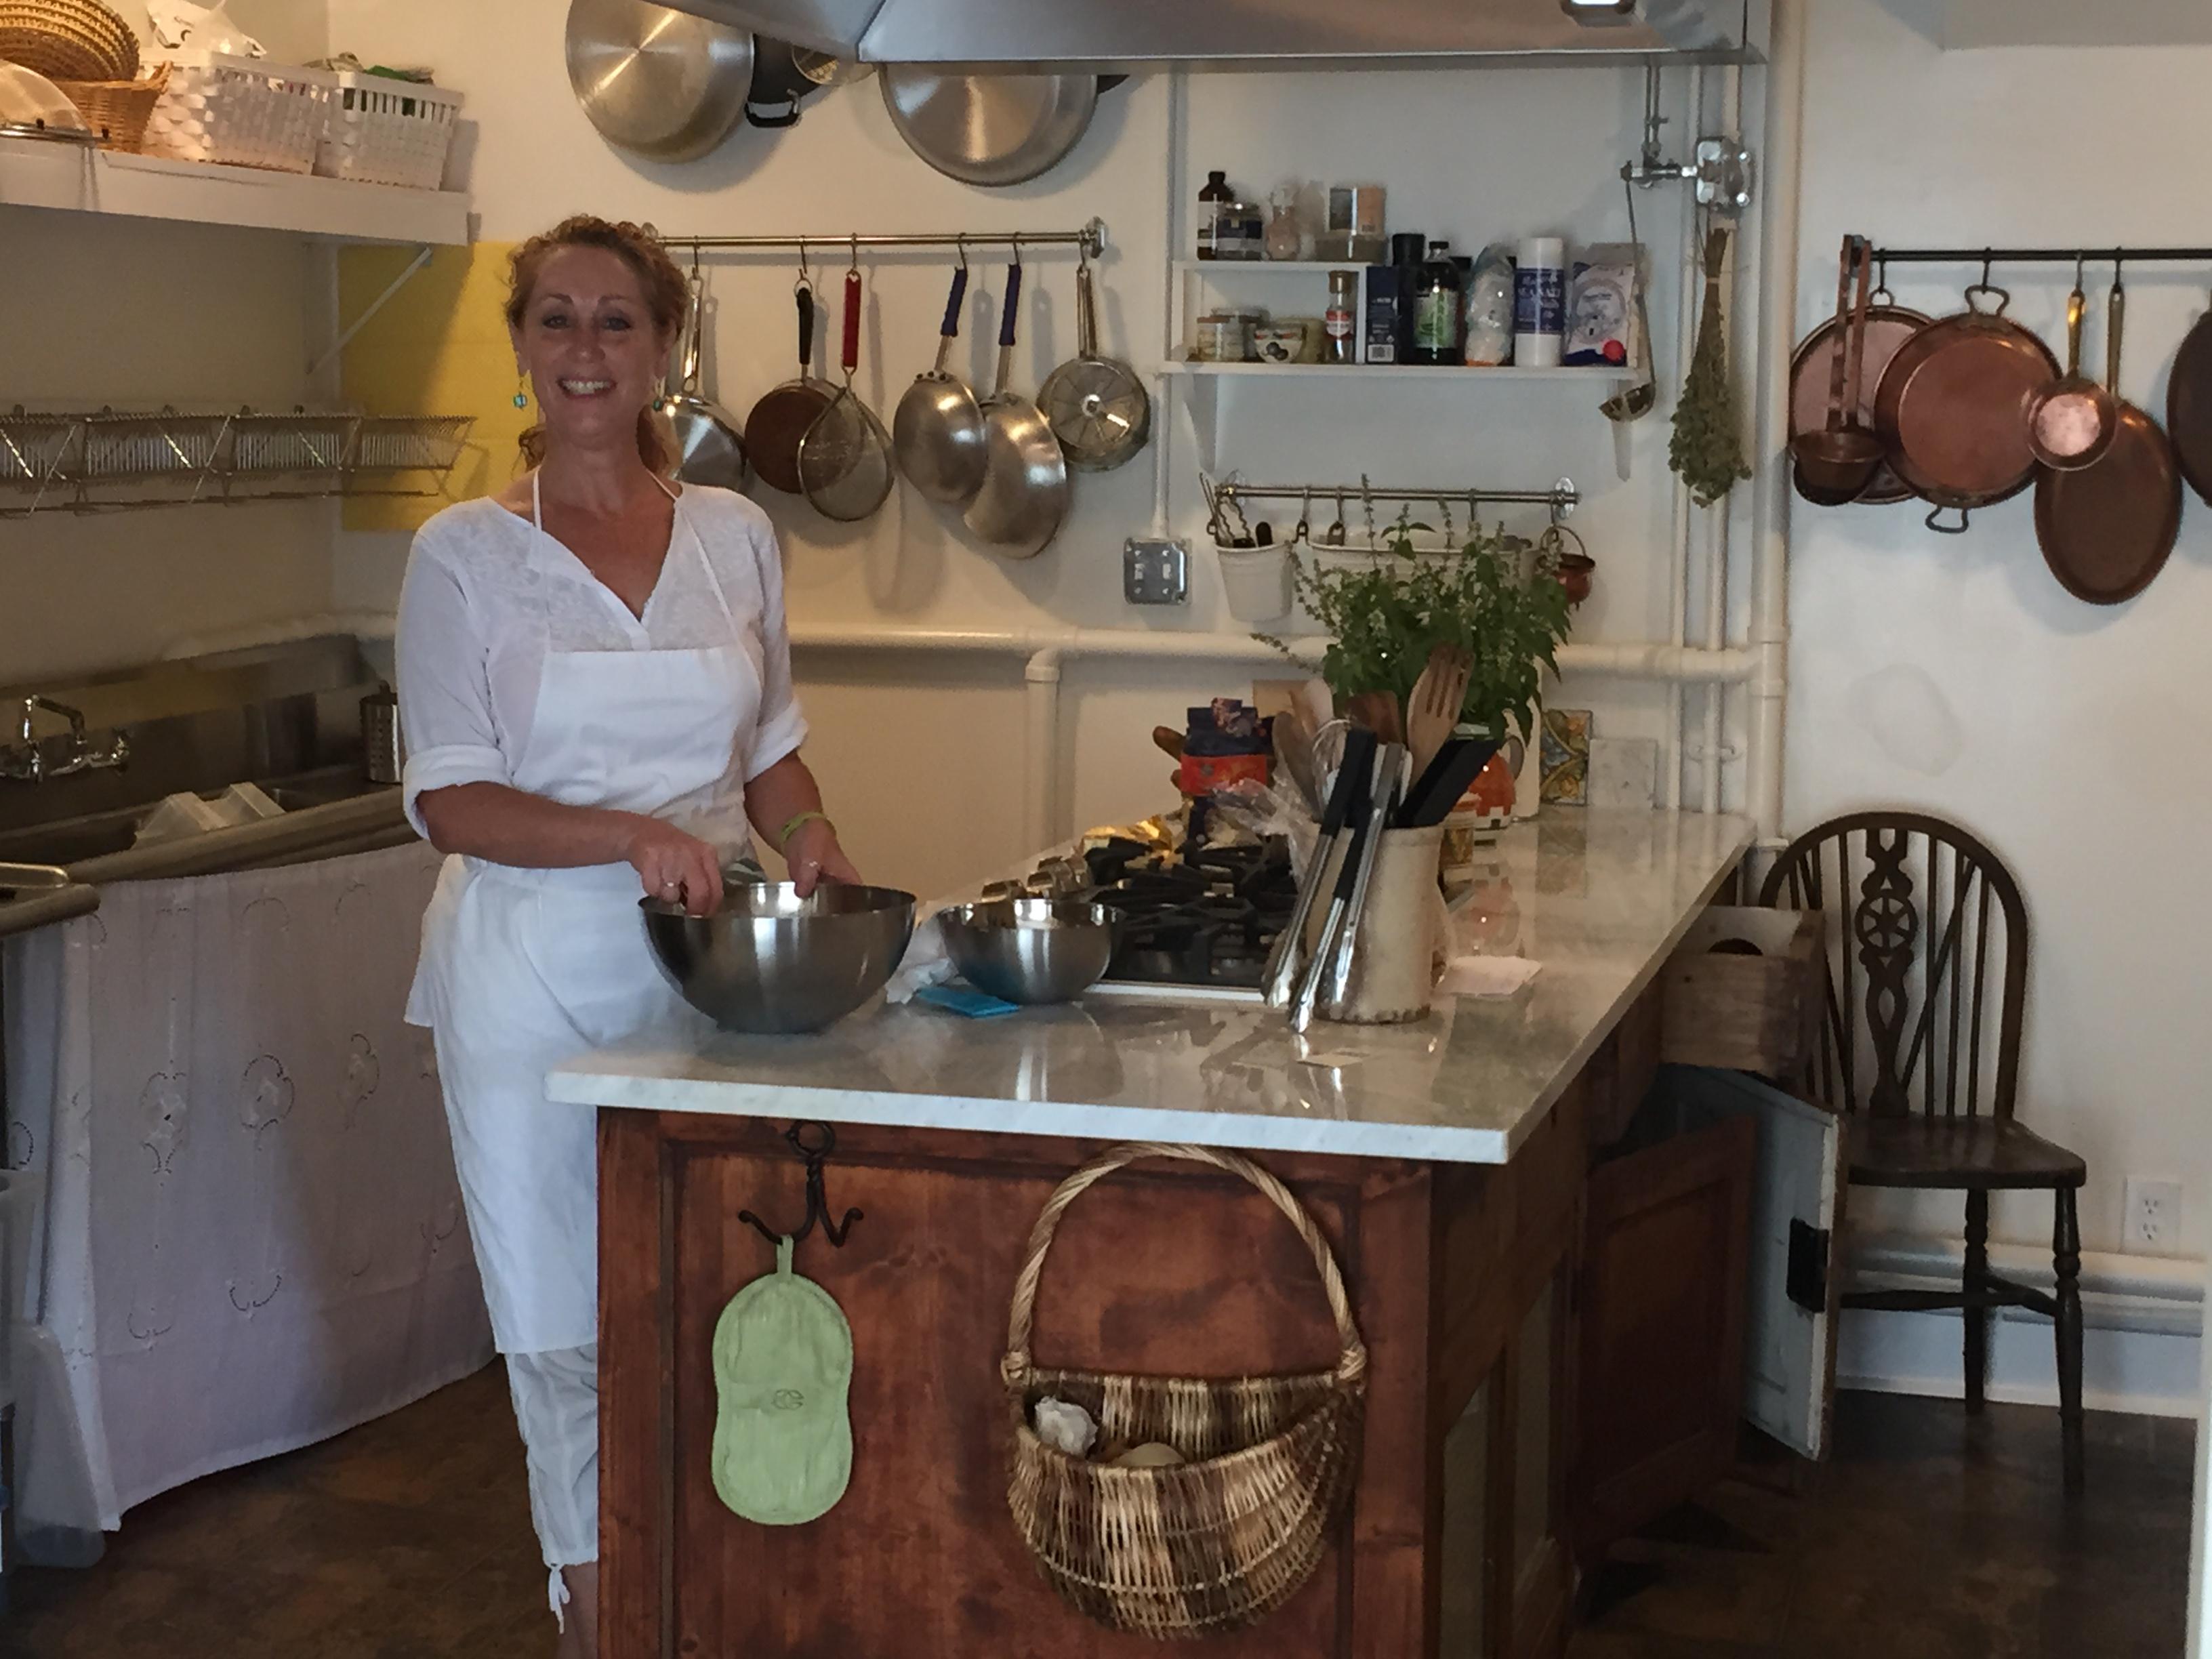 Chef Gina Stipo - attheitaliantable.com